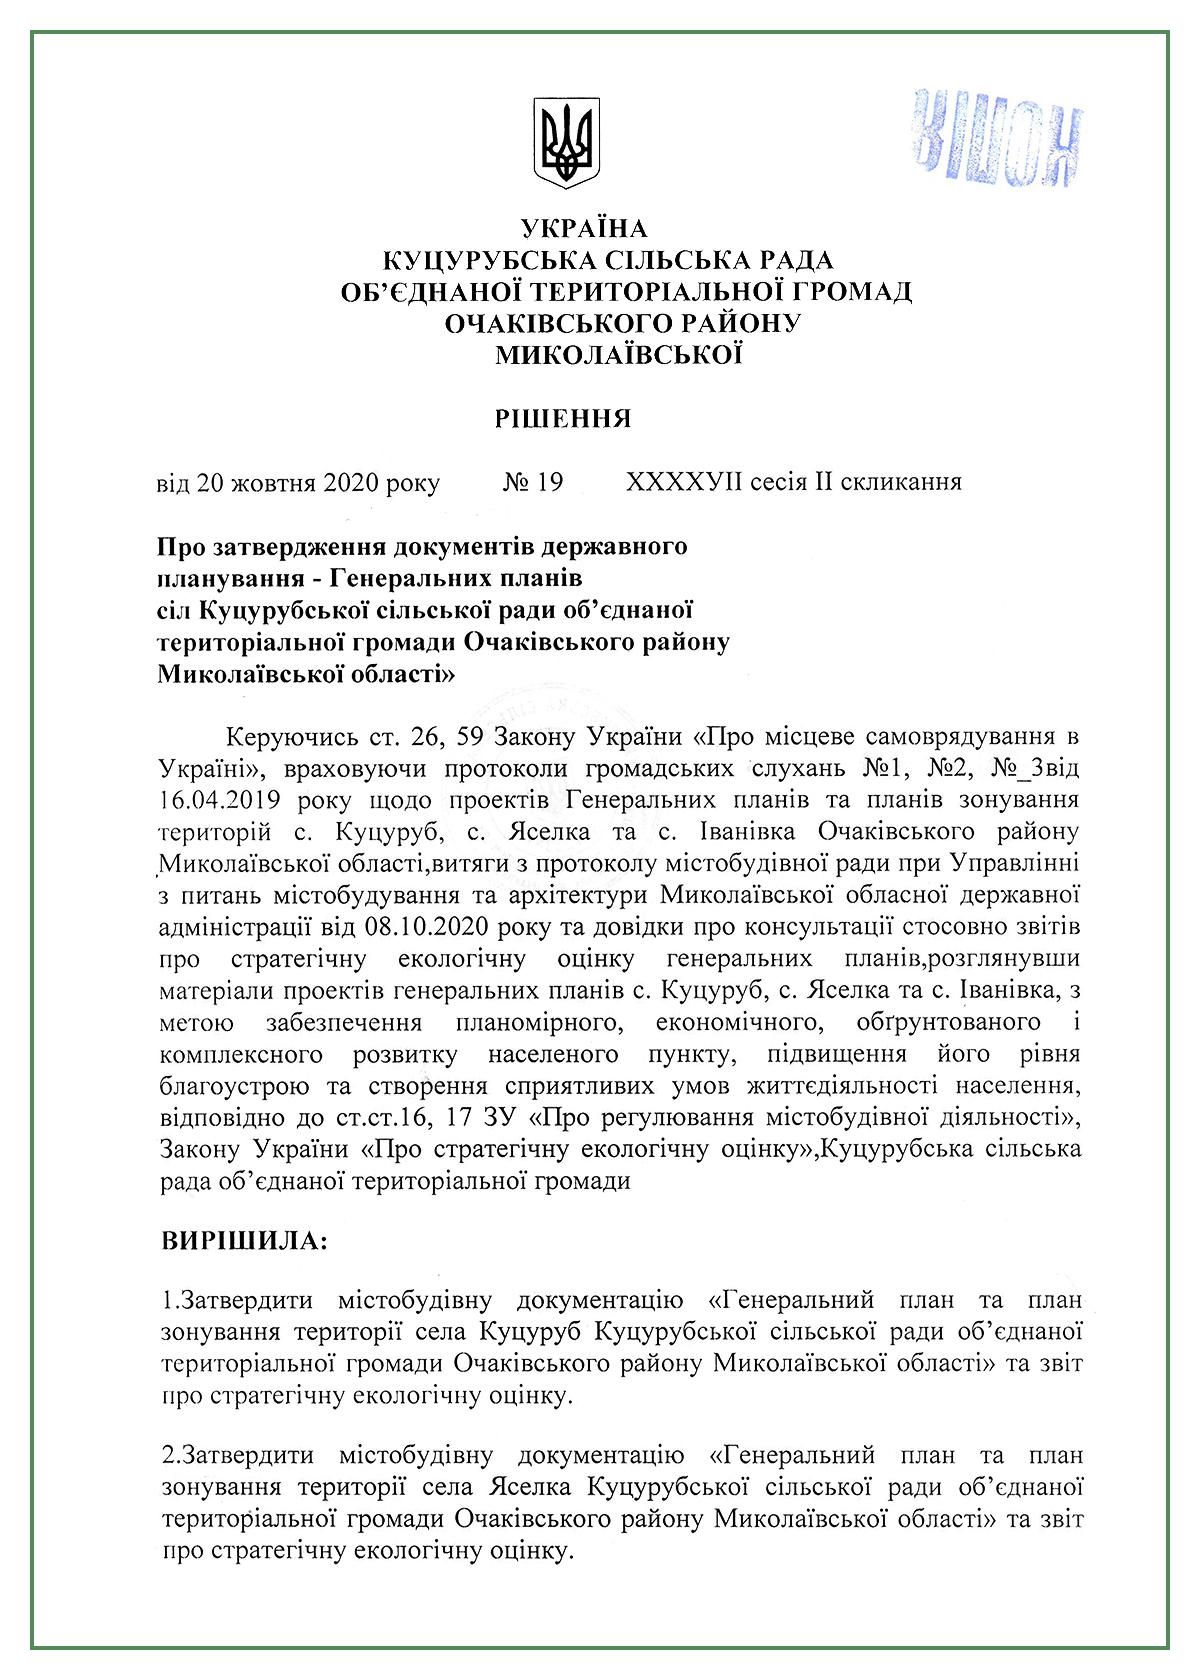 утвердили генплан Куцуруб Яселка Ивановка